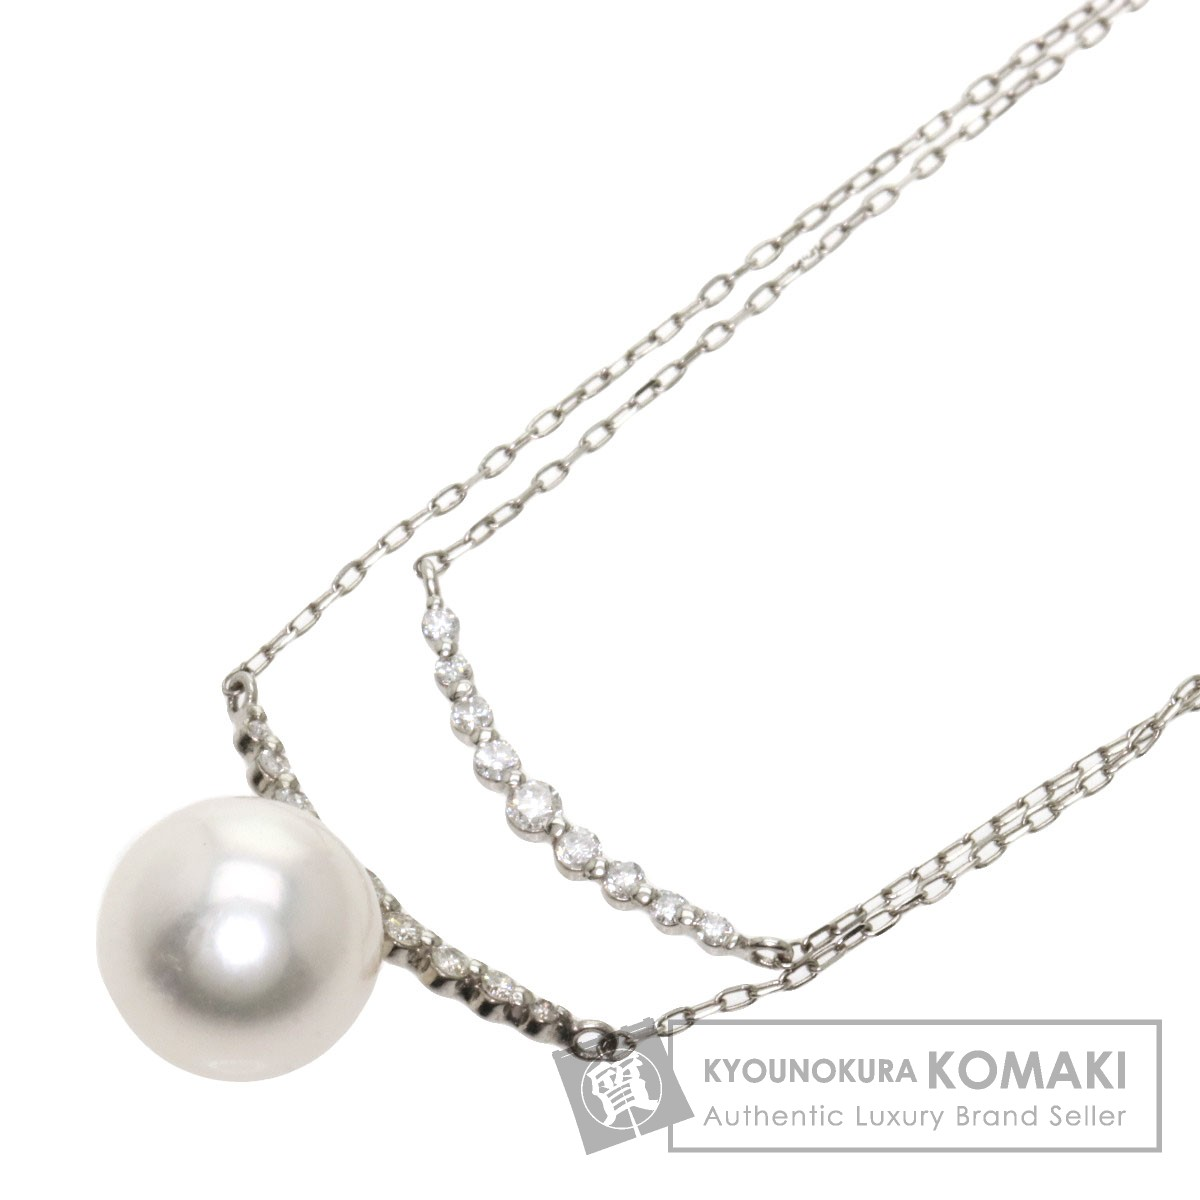 アコヤパール 真珠 ダイヤモンド ネックレス プラチナPT900/PT850 レディース 【中古】